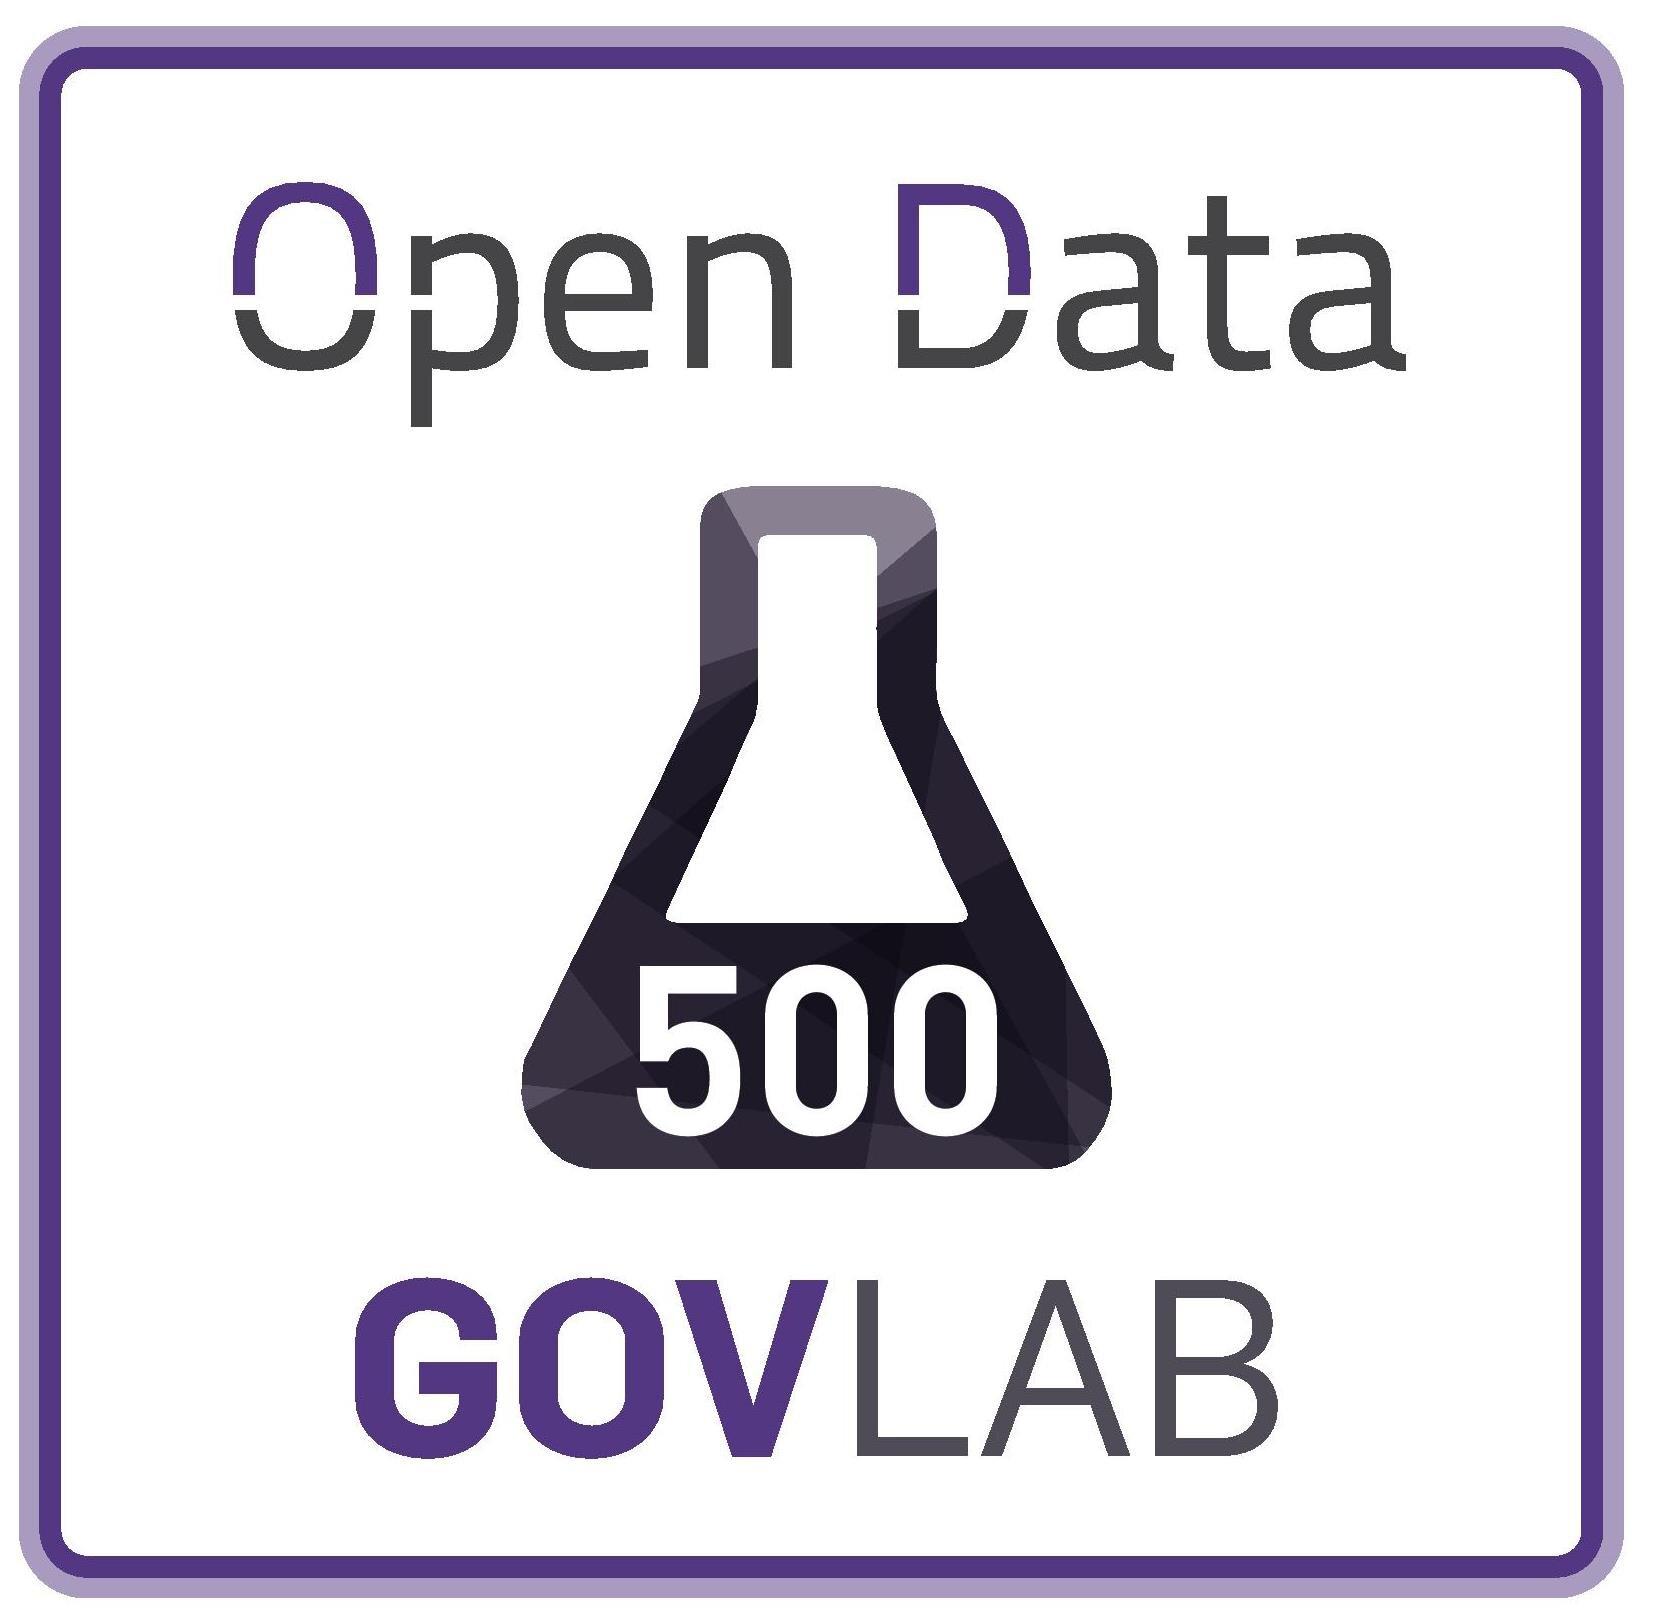 open data 500 opendata500 twitter